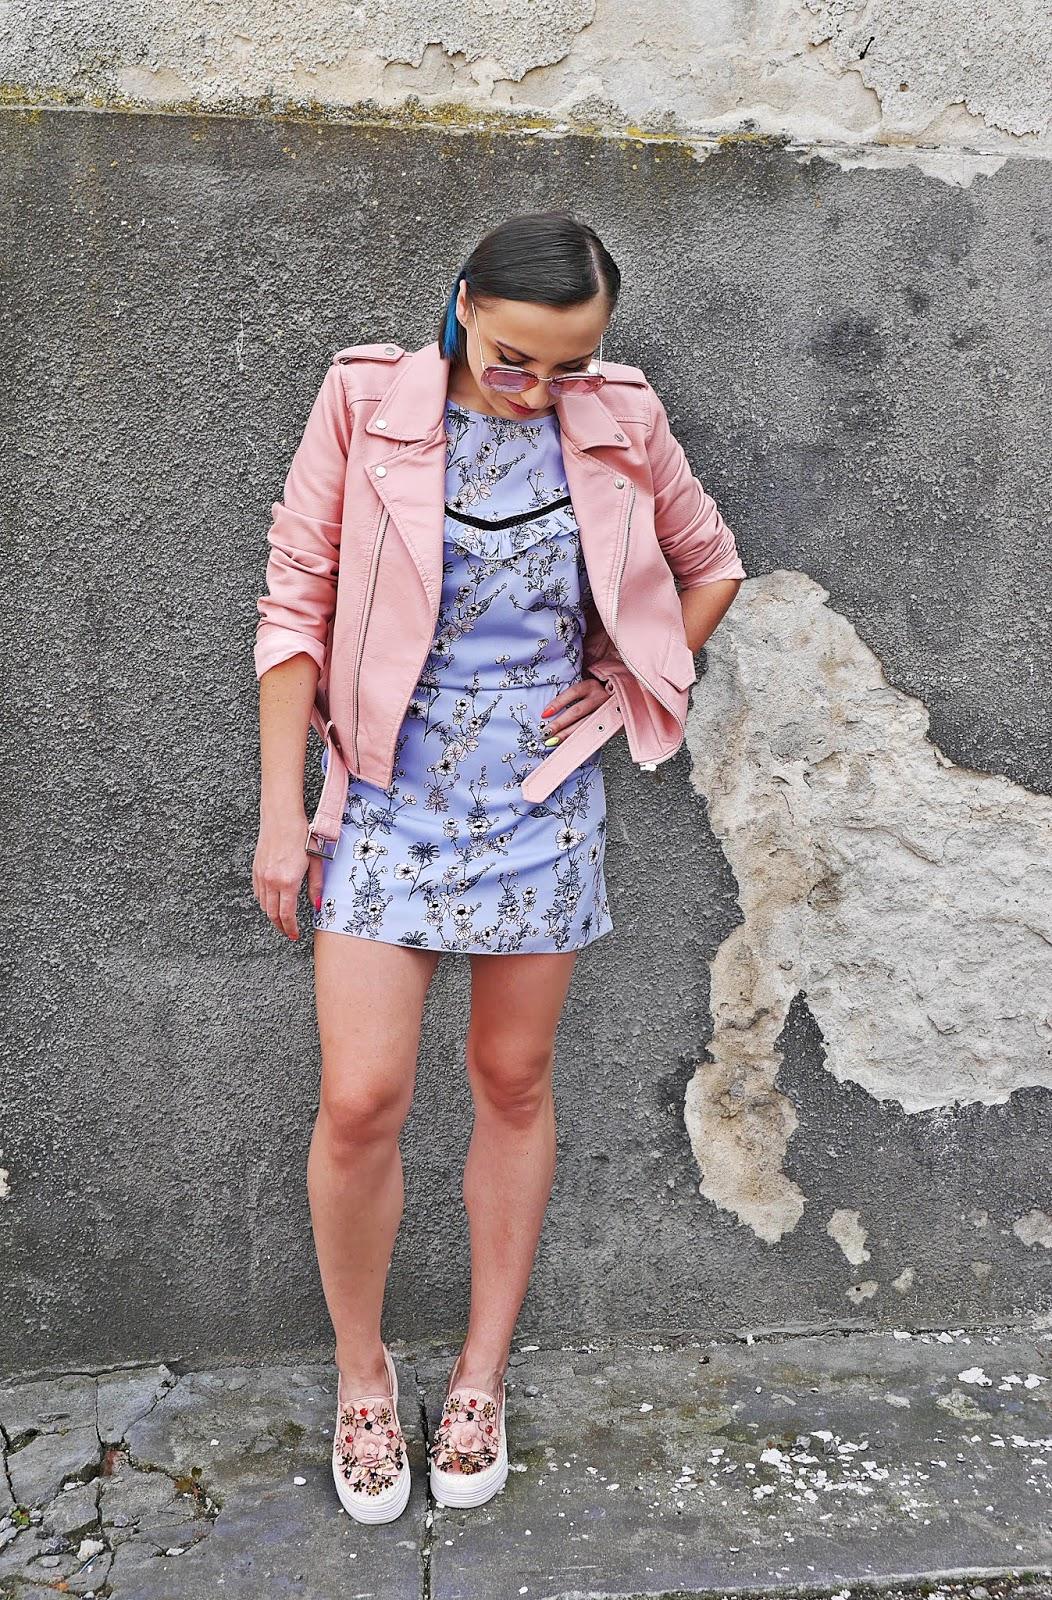 3_sukienka_w_kwaity_bonprix_rozowa_ramoneska_buty_renee_karyn_blog_modowy_200518